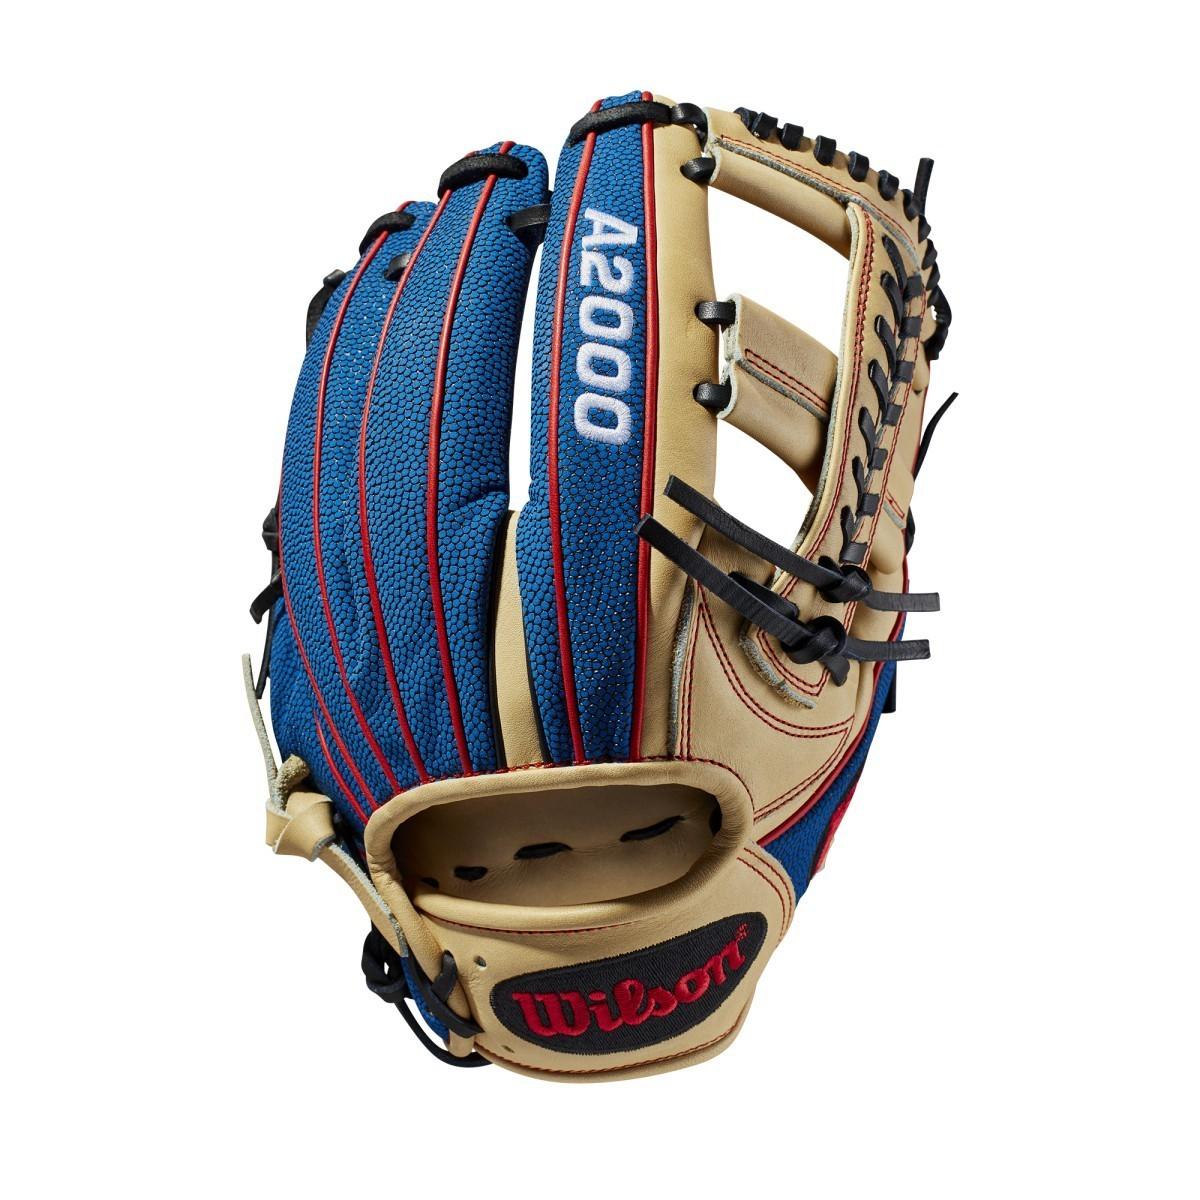 baseball gloves in Tempe AZ